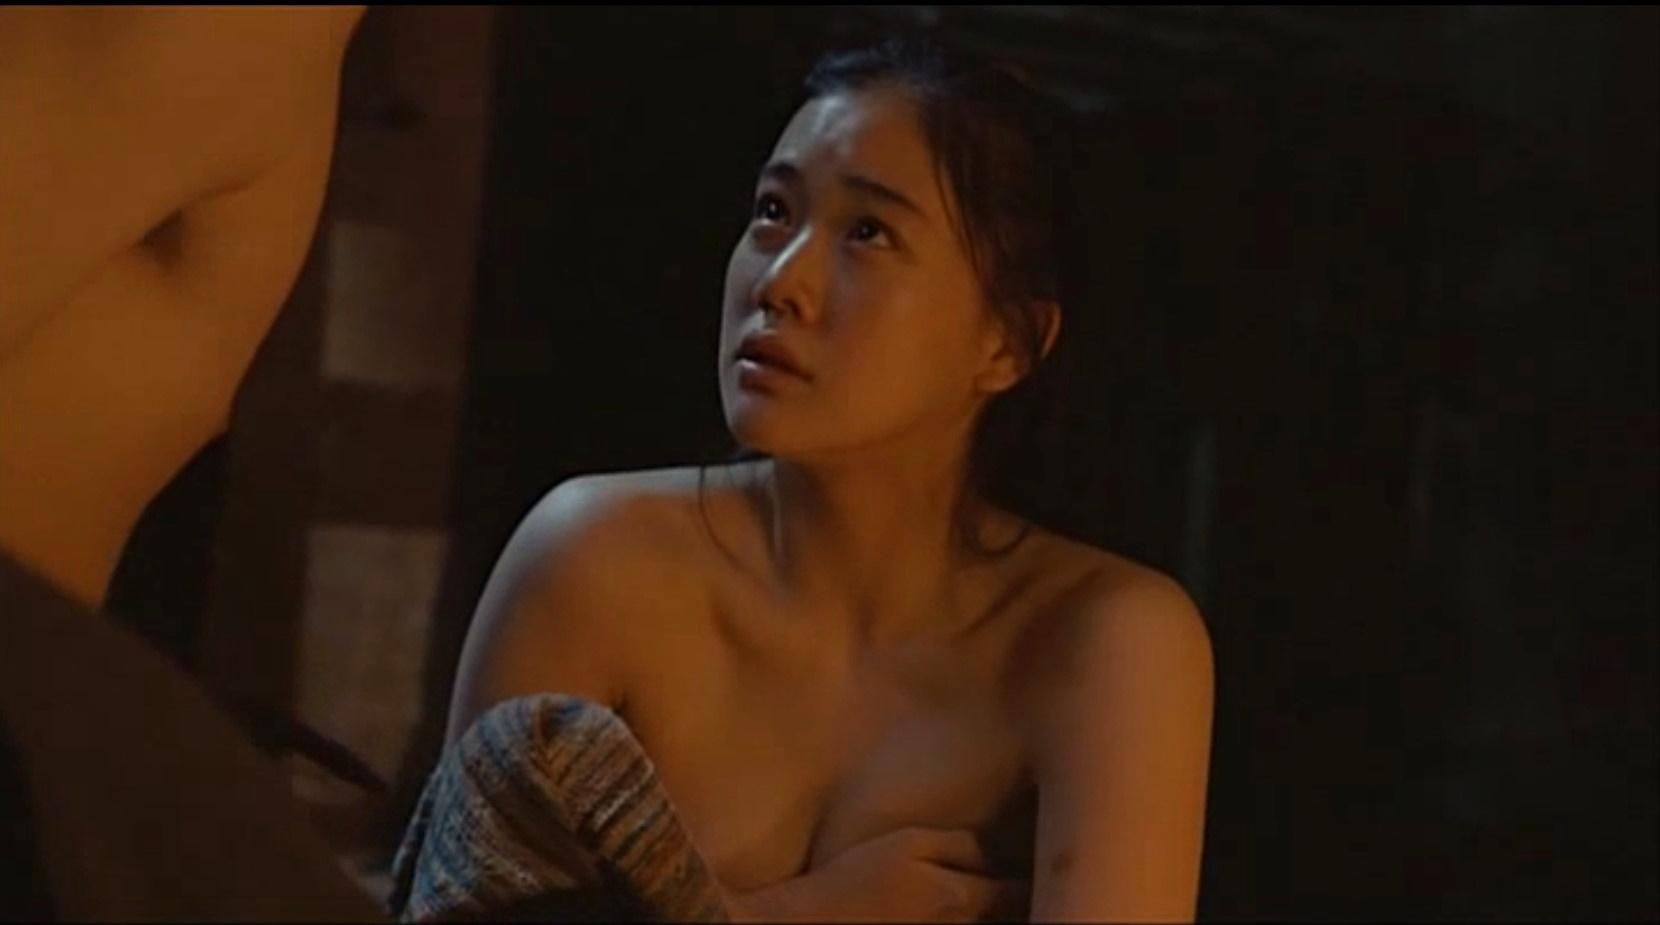 少女濡れ場 5 【お宝濡れ場画像】女優達が全裸で演ずる濡れ場のシーンが過激